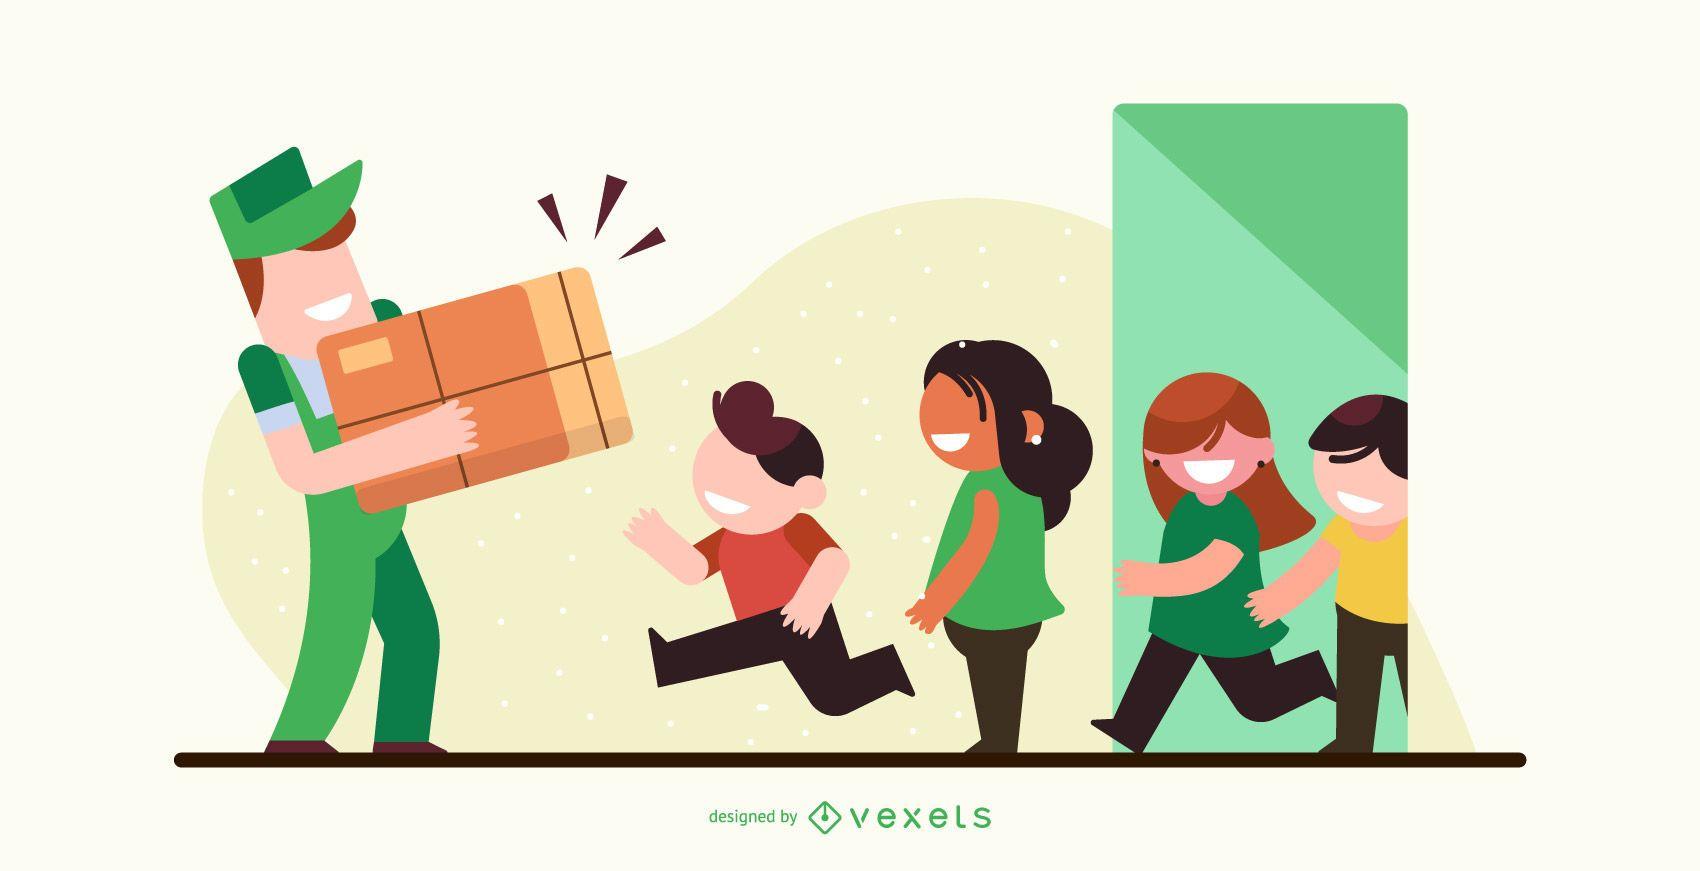 Package Delivery Illustration Design